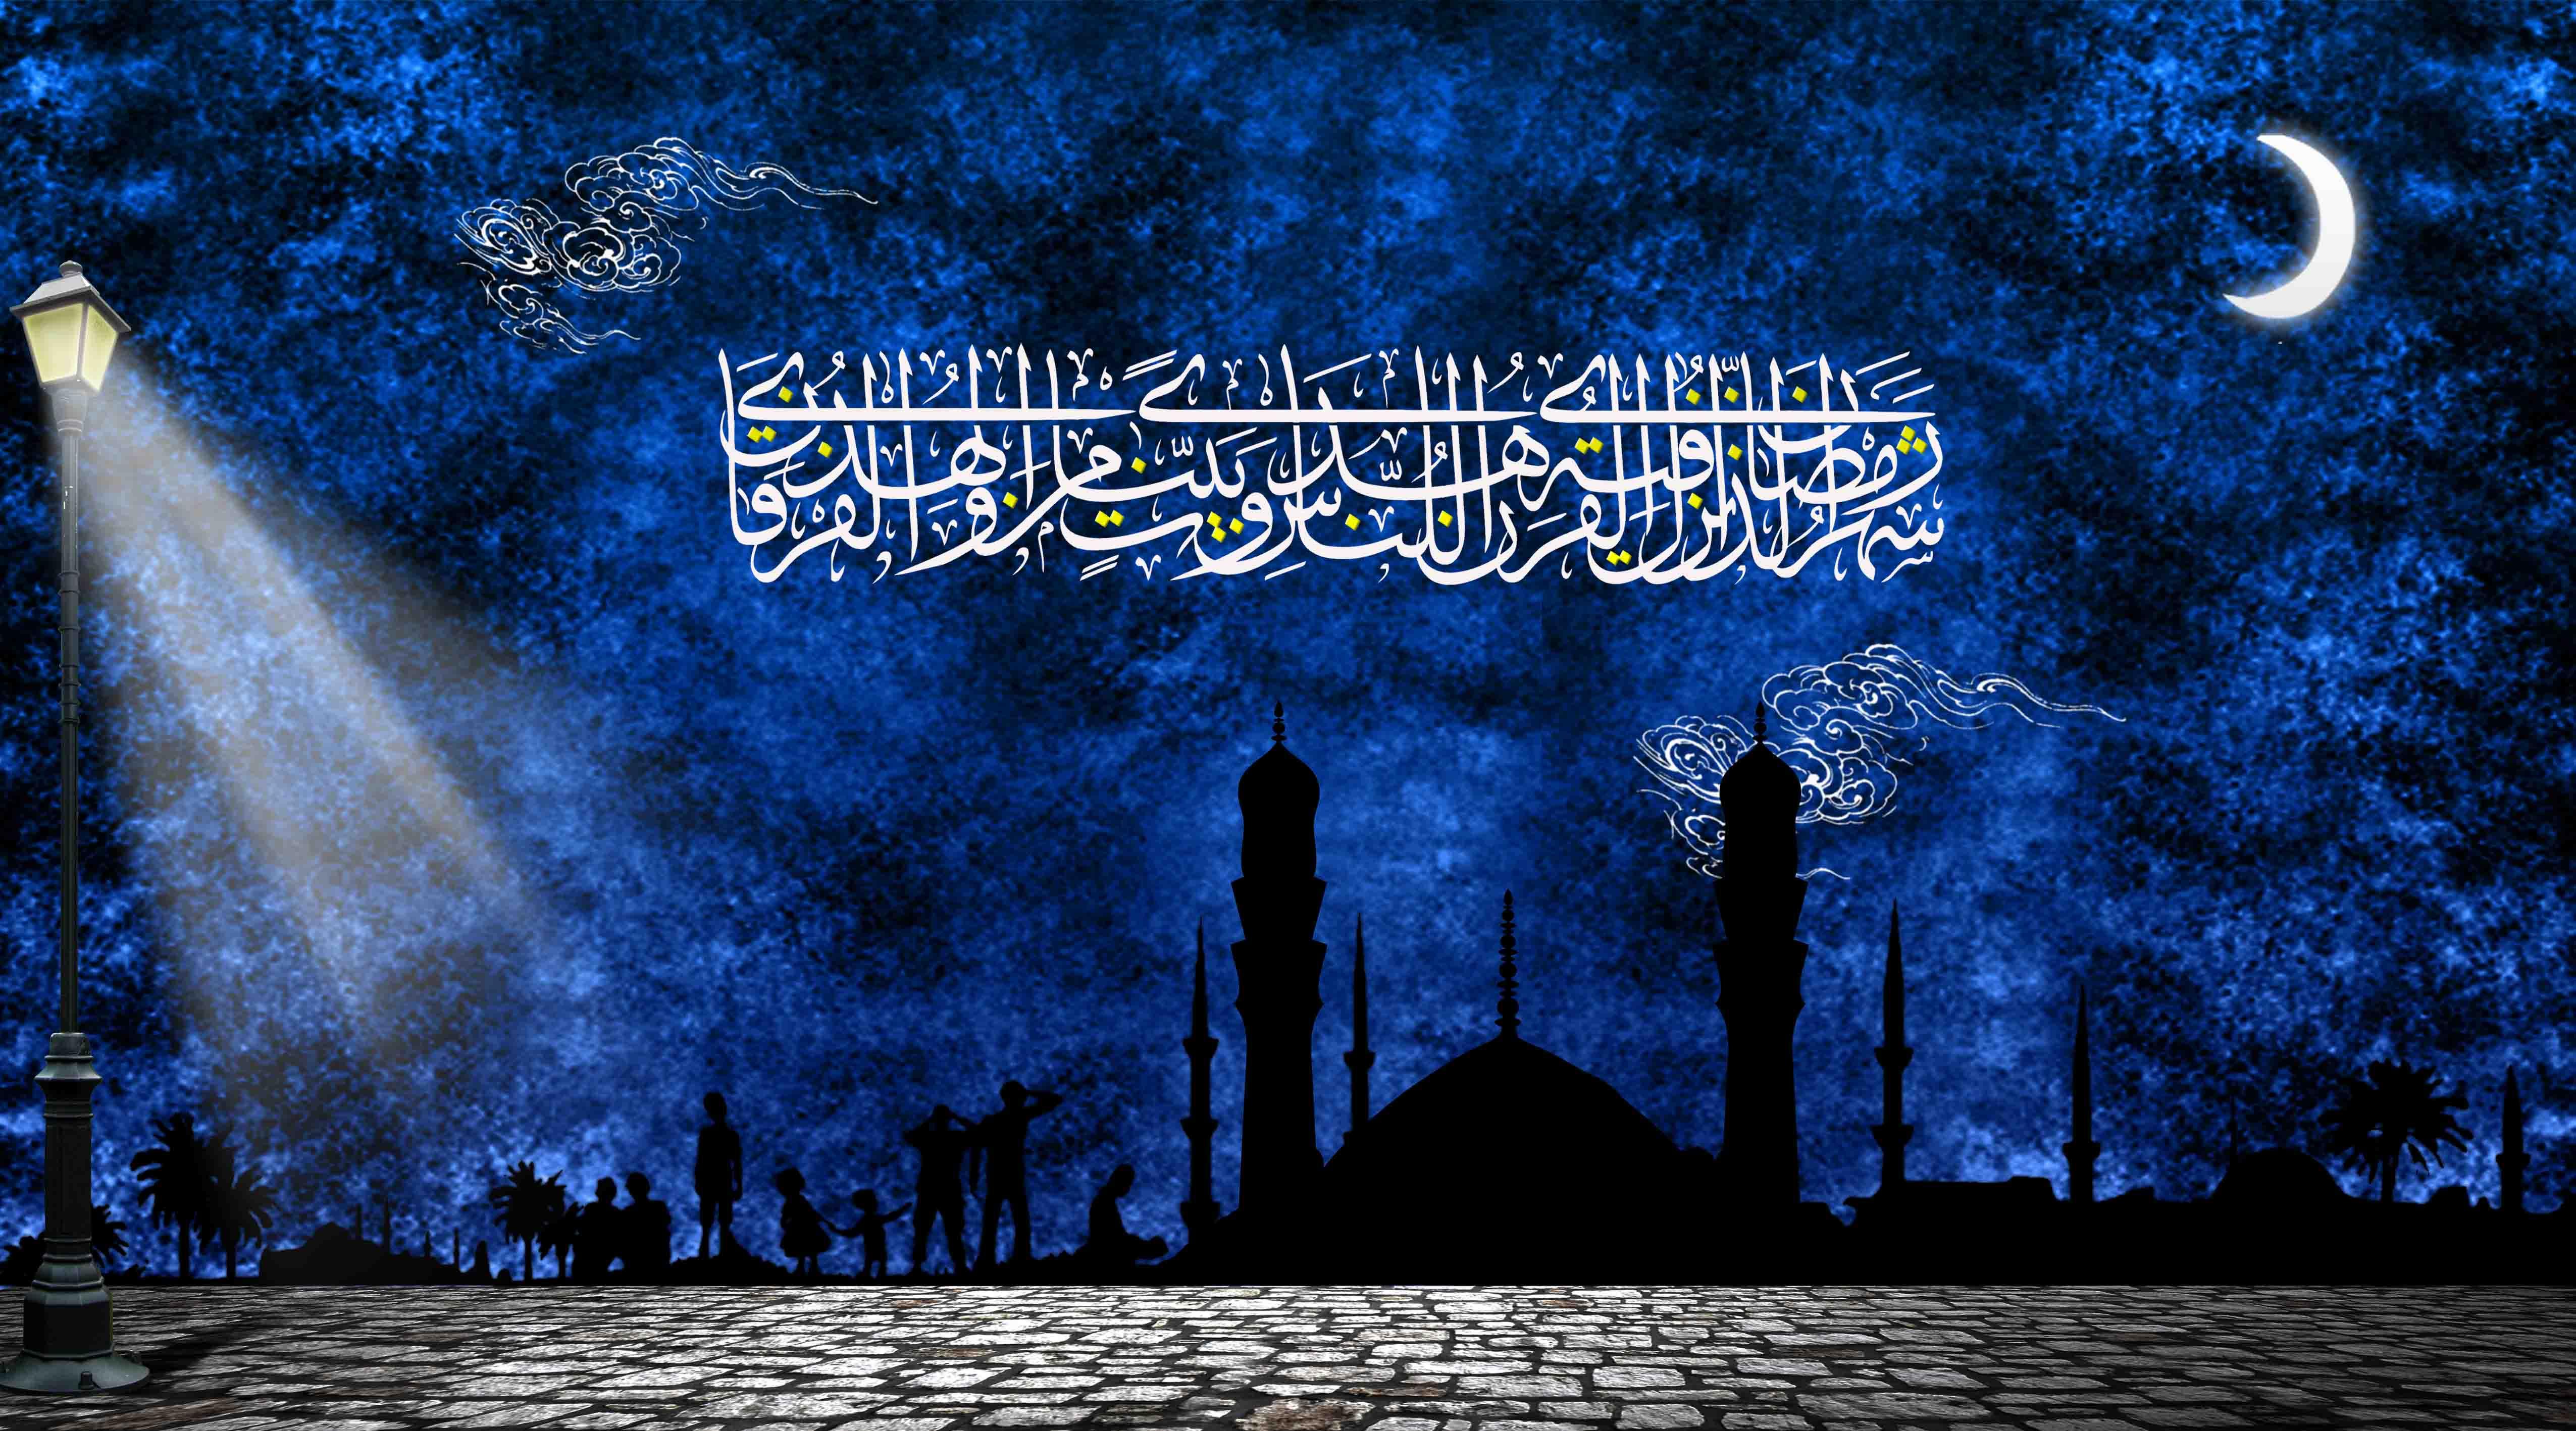 طرح لایه باز بنر ماه مبارک رمضان (002)